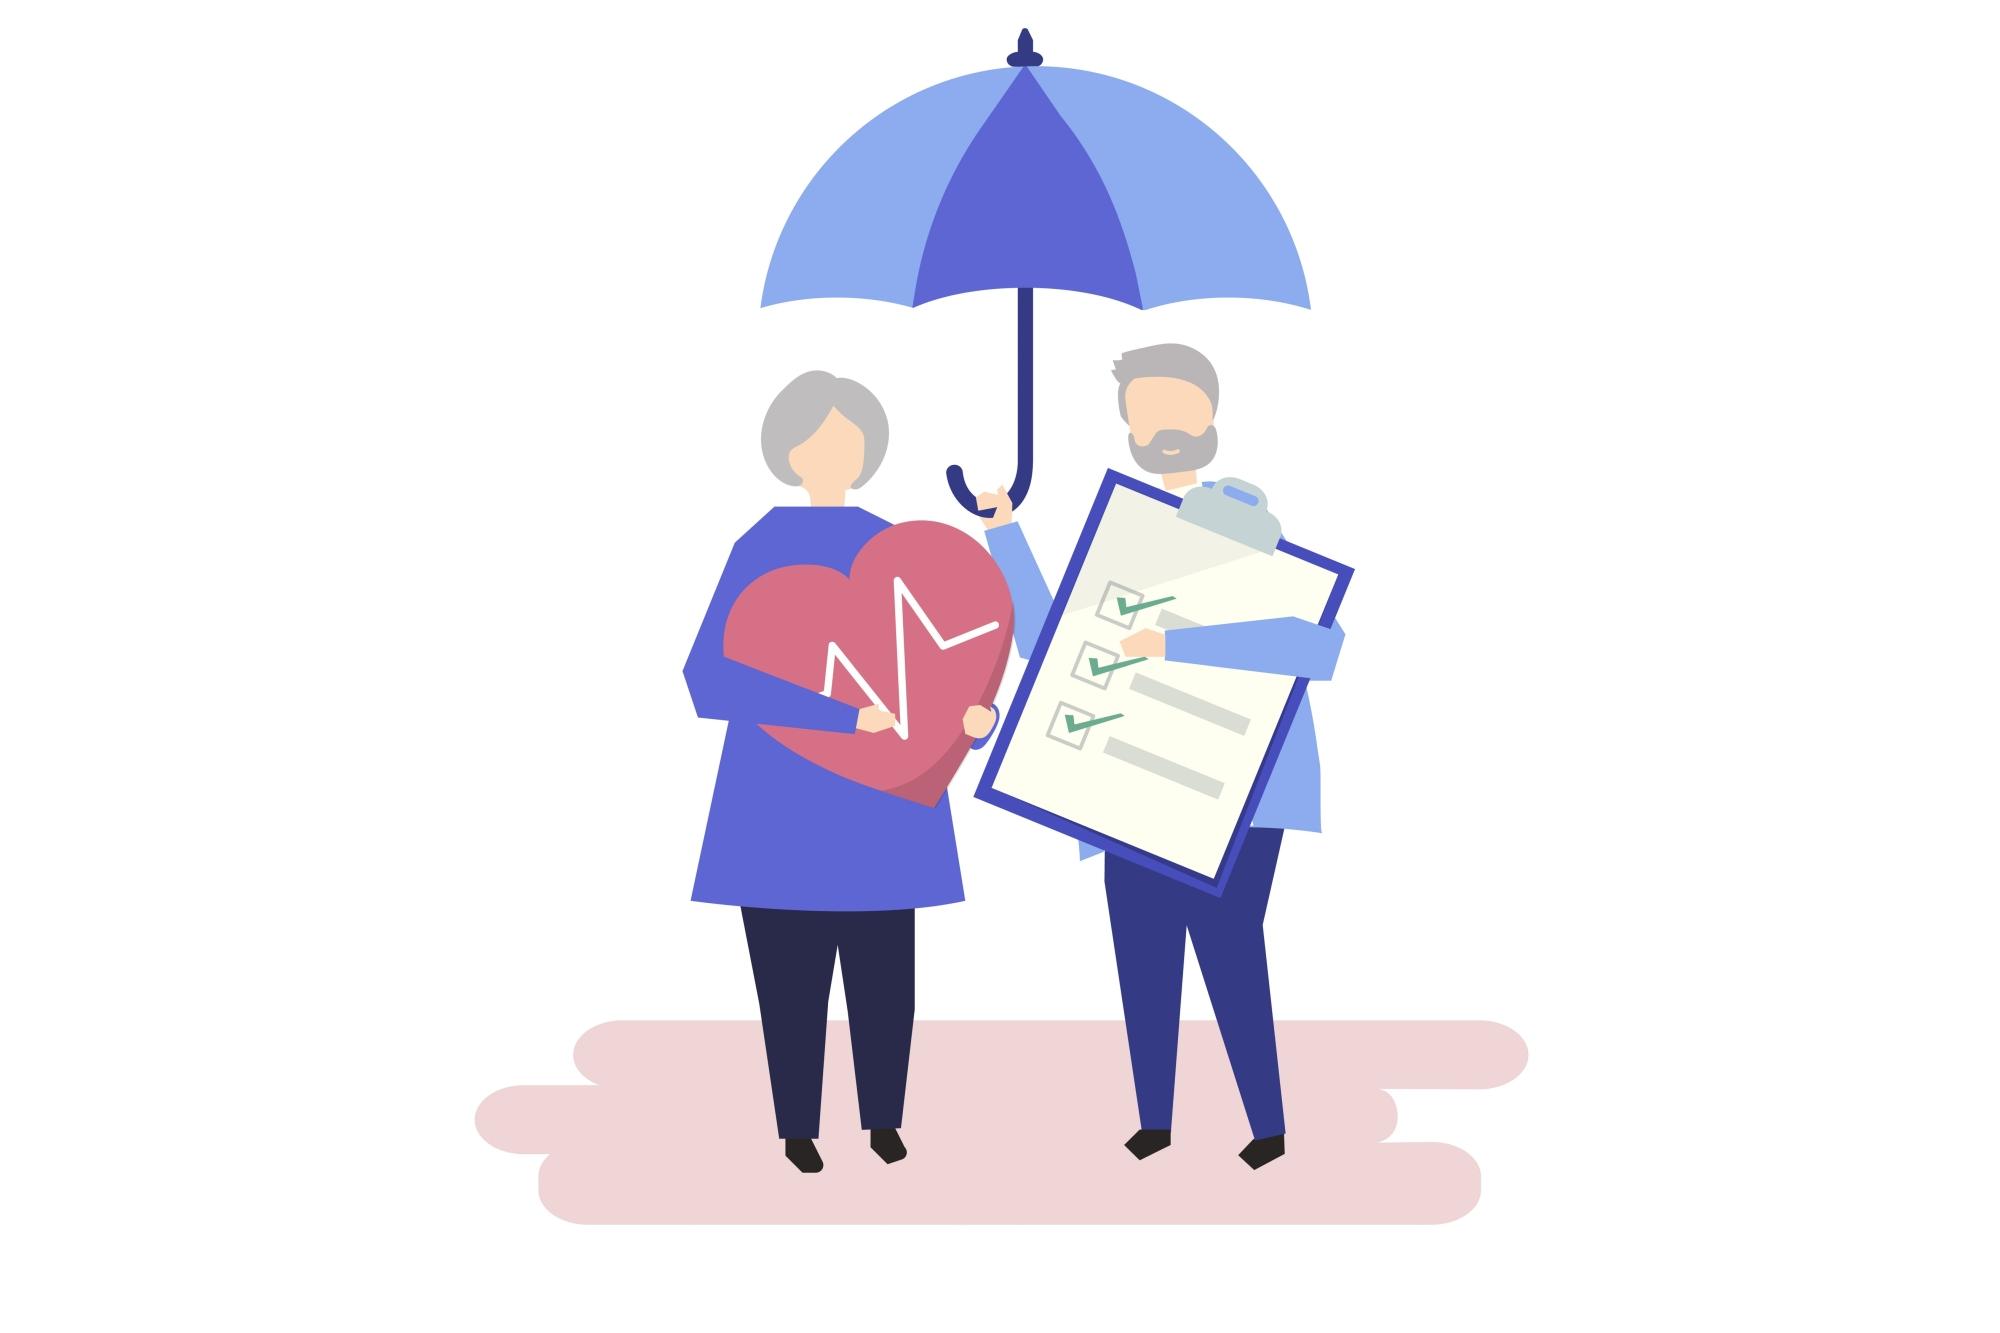 Infortuni - Malattia - Salute - Coperture assicurative (Immagine rawpixel.com) Imc